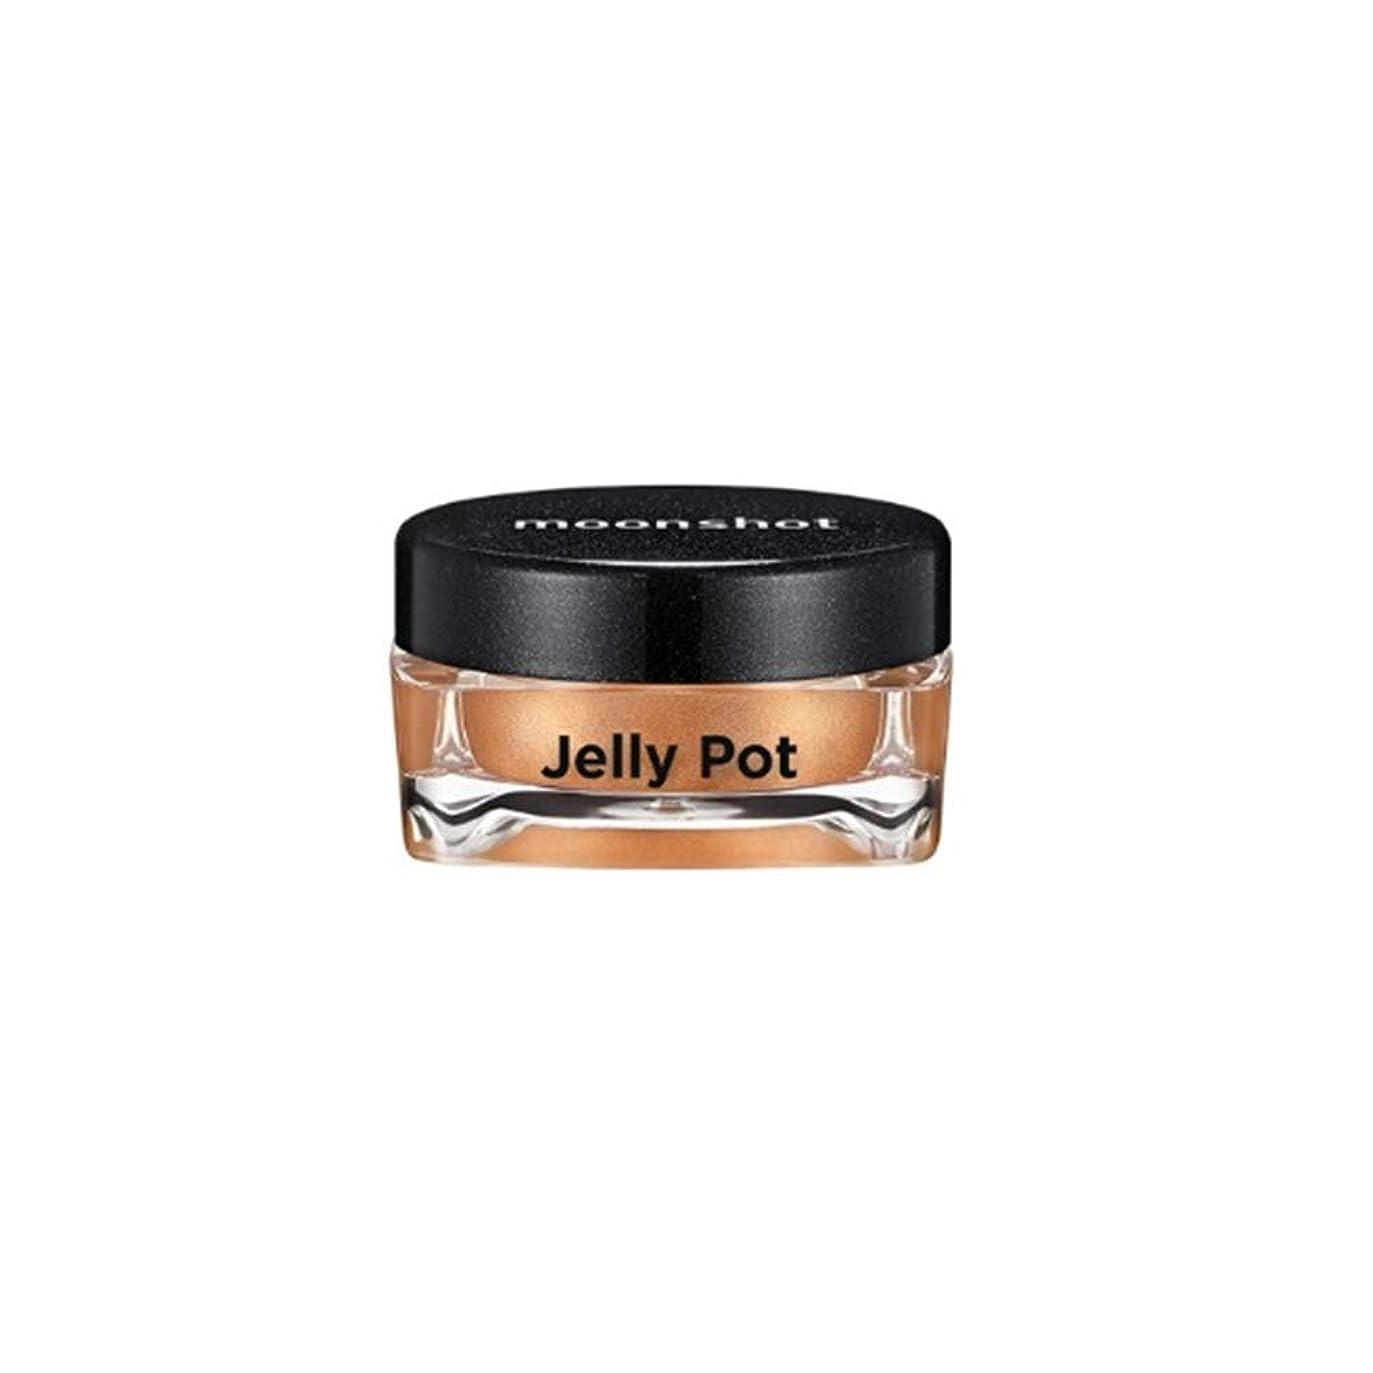 猫背フェデレーション解明する【moonshot 公式】Jelly Pot Pearl Type Eyeshadow ゼリーポット パールタイプ アイシャドウ おしゃれ 韓国コスメ YGコスメ (Cafe Con Leche)